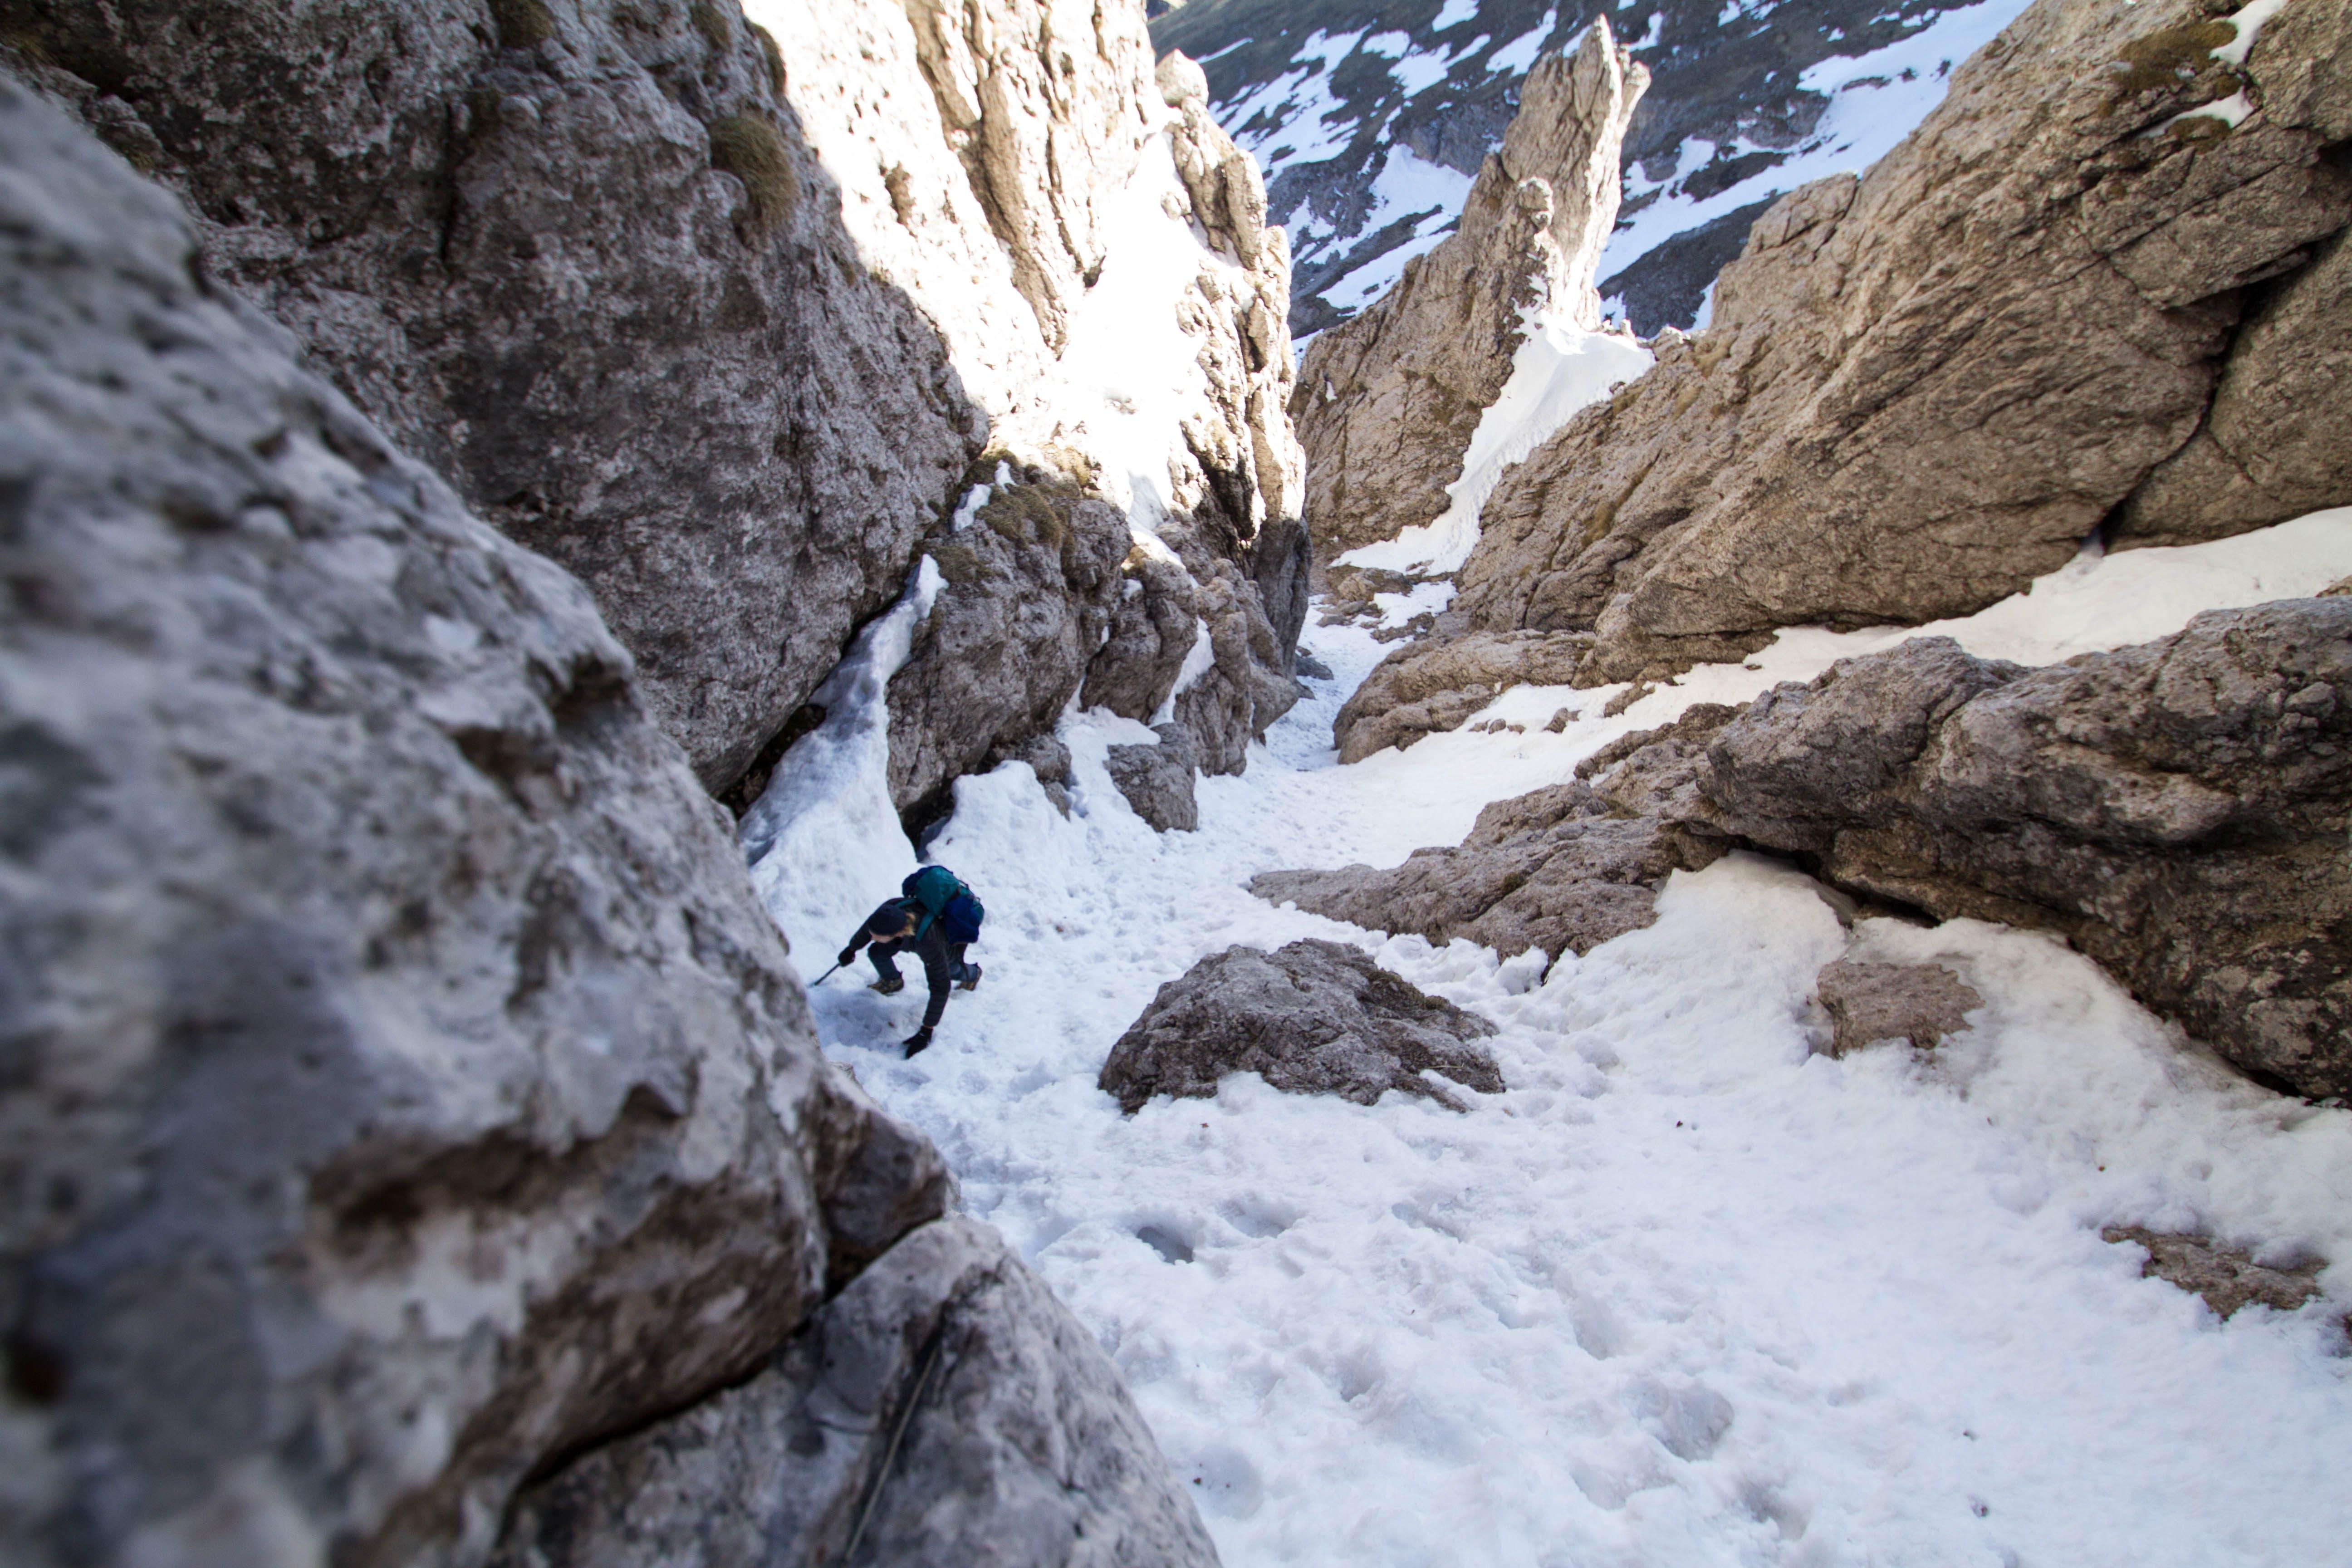 adventure, climb, climber